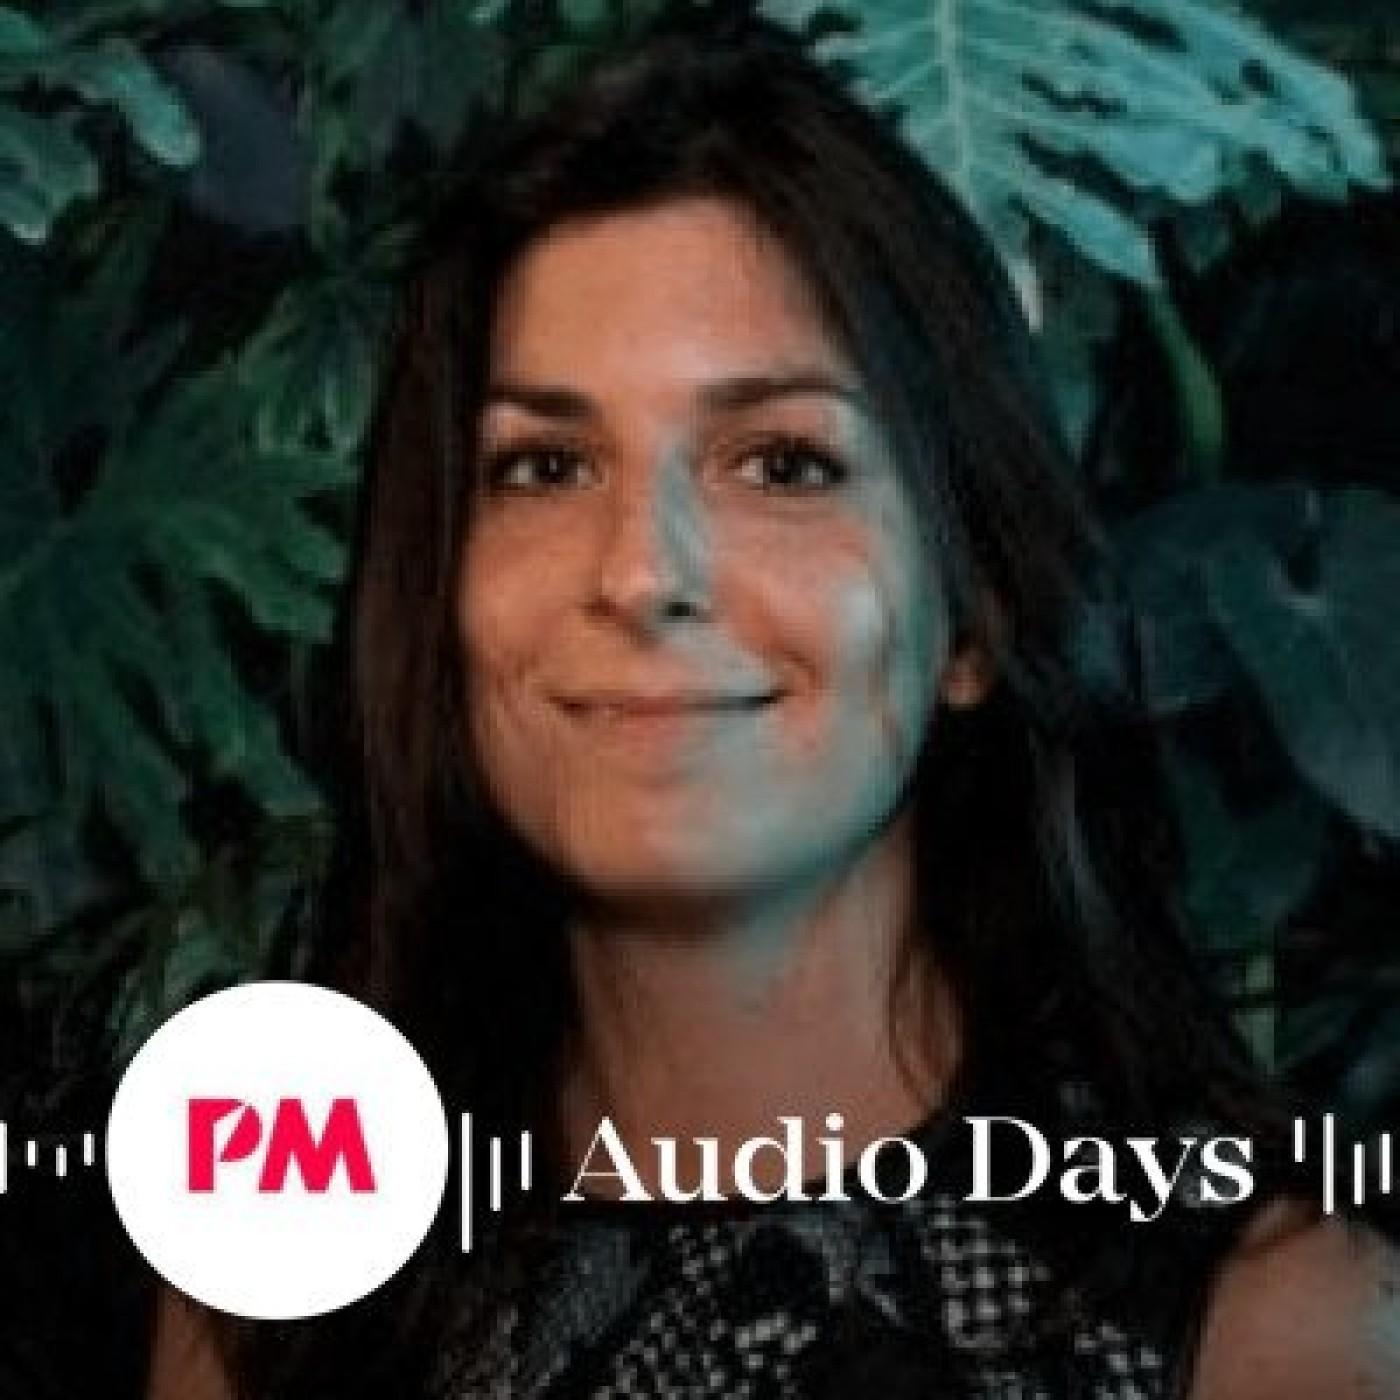 N°18 - Qui sont les auditeurs de podcasts ? Etude Ifop pour Prisma Media (Delphine Le Loarer - Prisma Media)